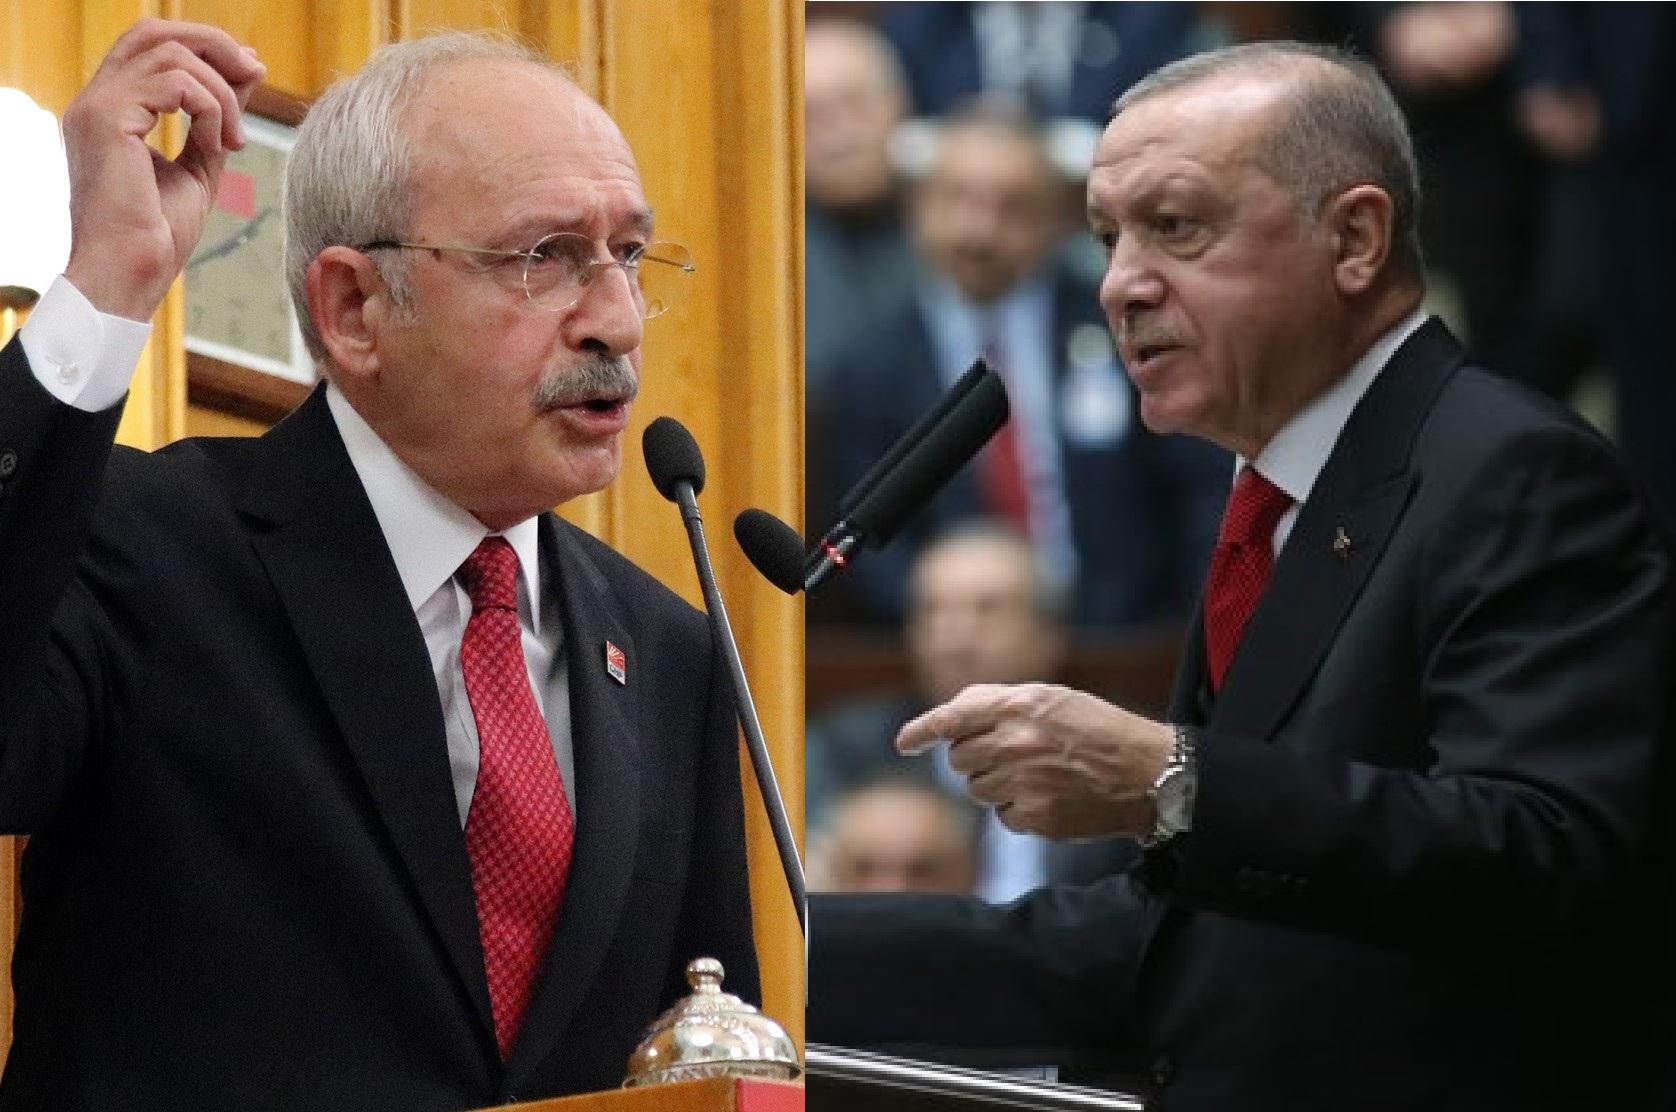 Kılıçdaroğlu,Cumhurbaşkanı Erdoğan'a tazminat ödeyecek